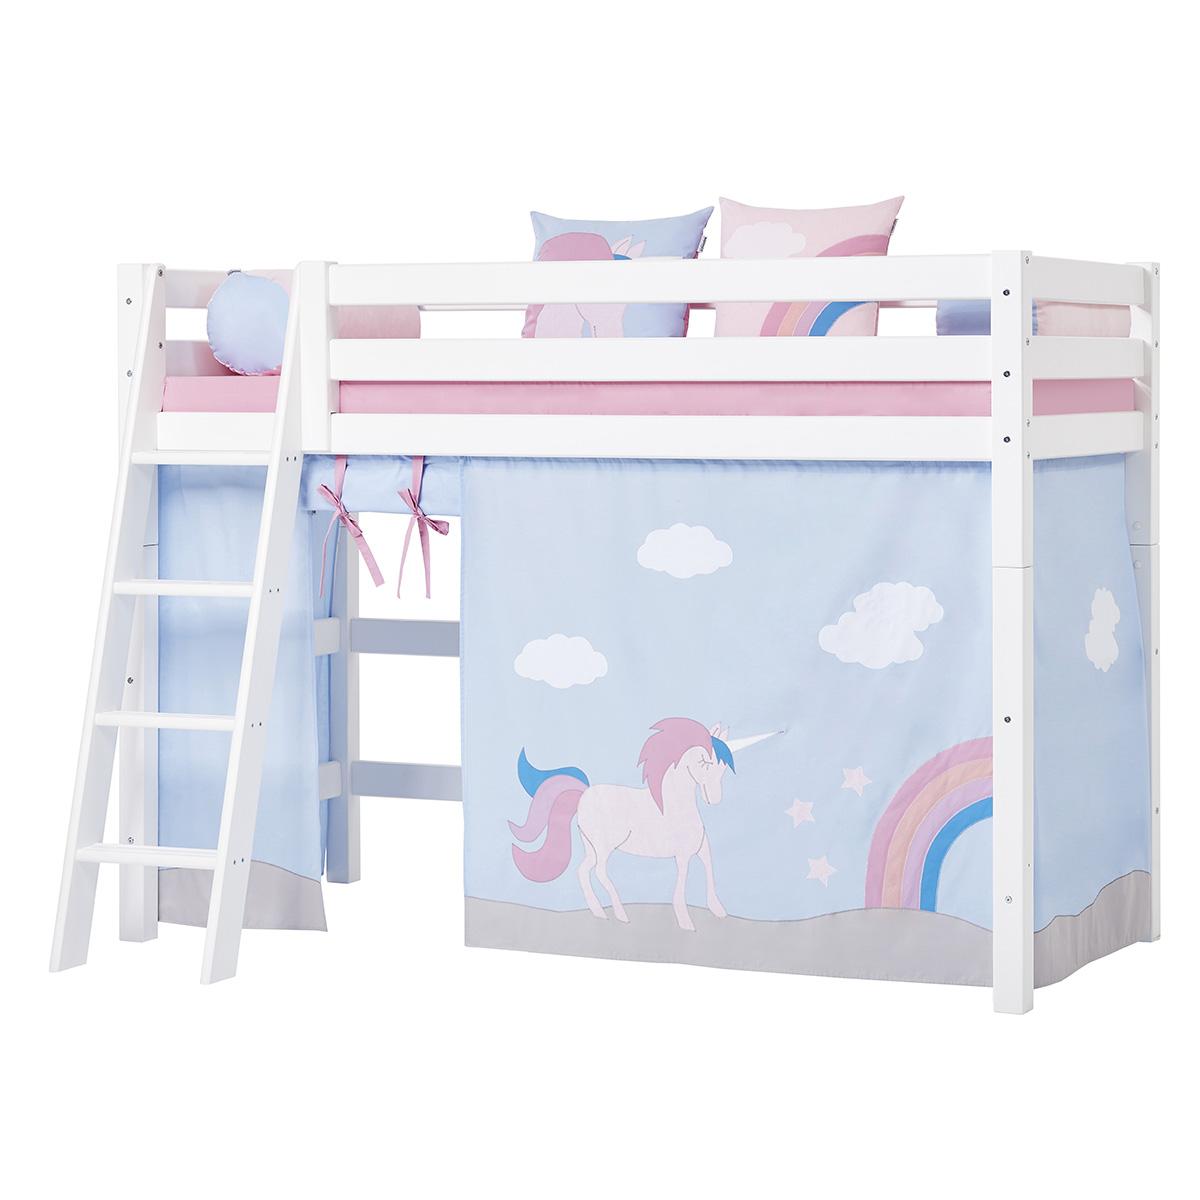 Billede af Hoppekids mellemhøj seng - Premium - Hvid med Unicorn